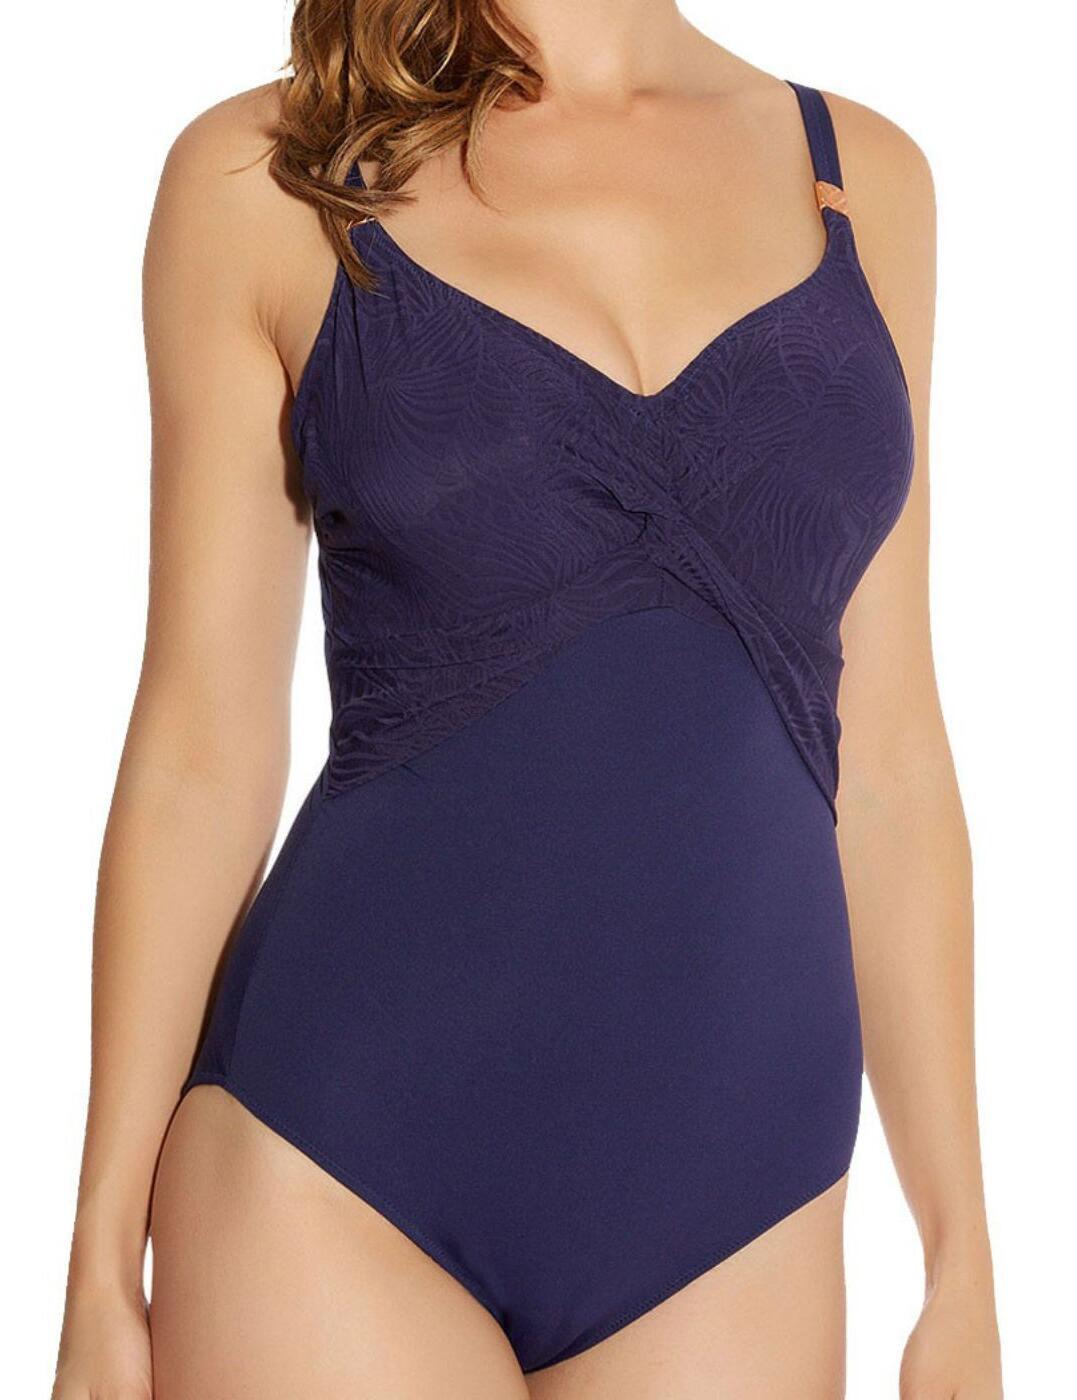 5436 Fantasie Montreal Underwired Twist Front Swimsuit - 5436 Indigo